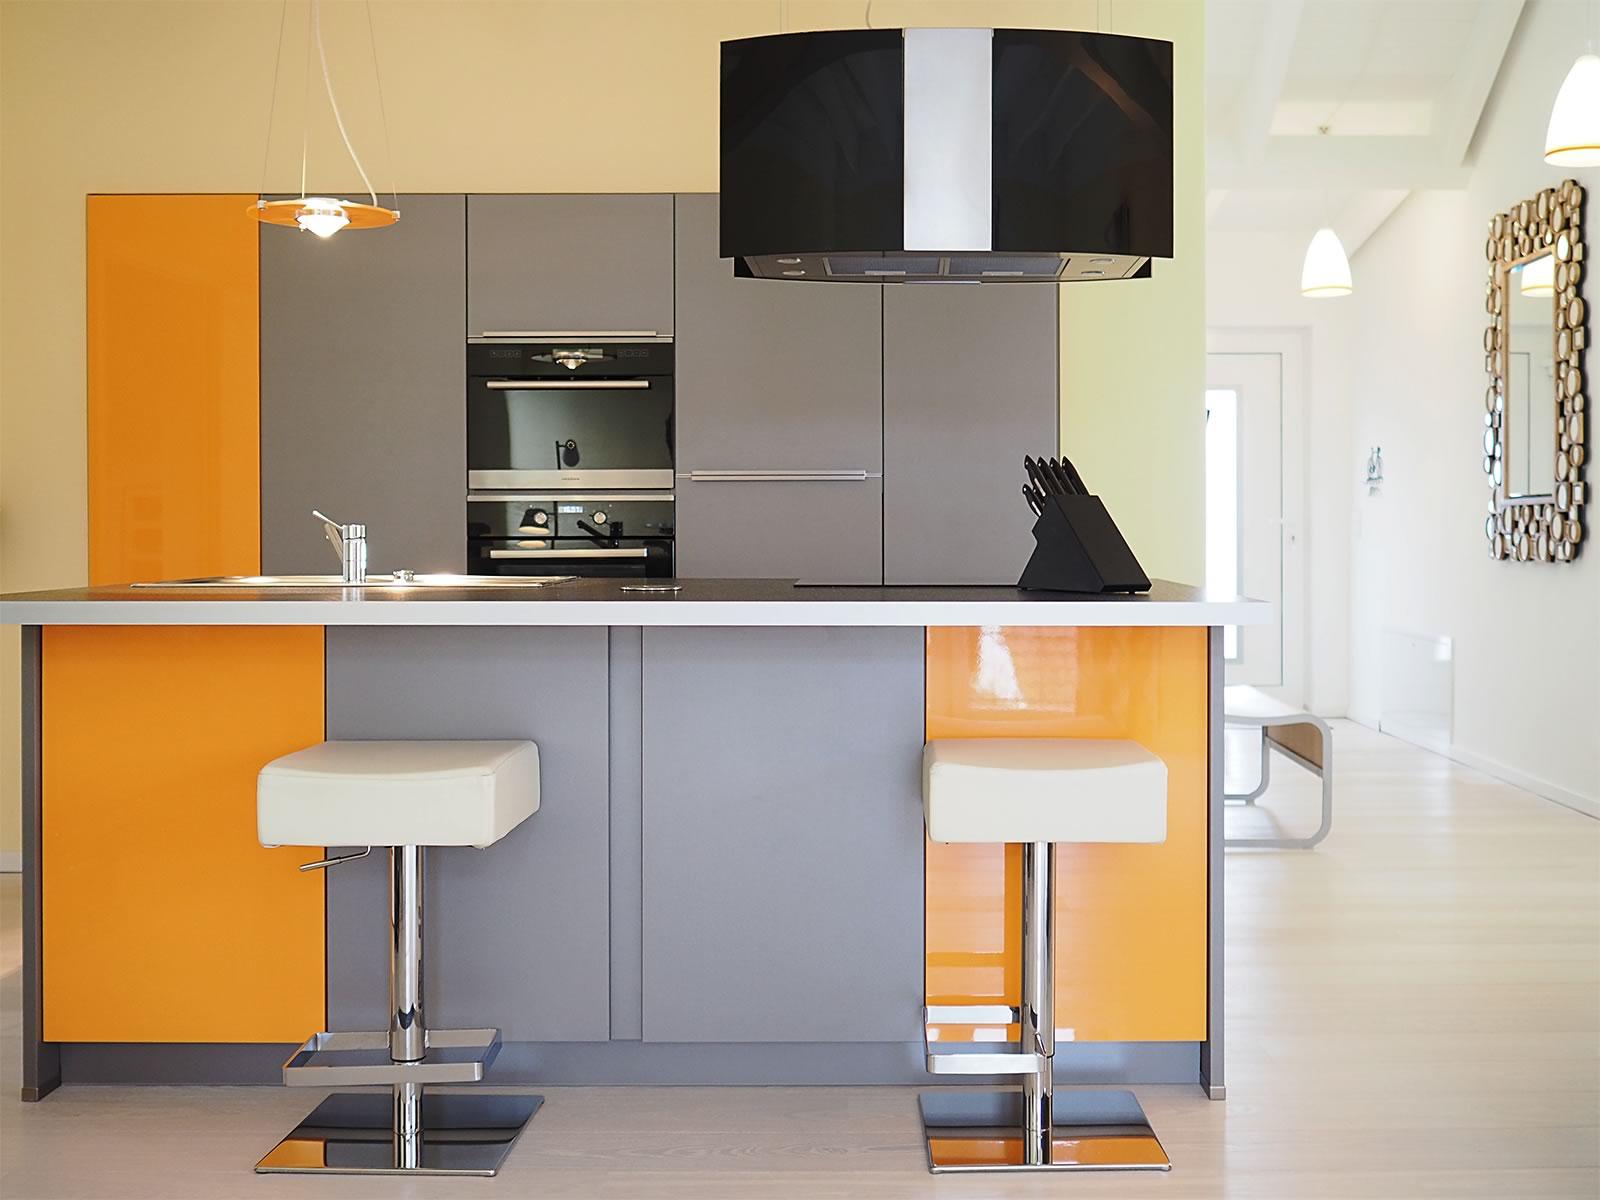 Atemberaubend Kücheninsel Design Mit Platz Für 4 Personen Fotos ...